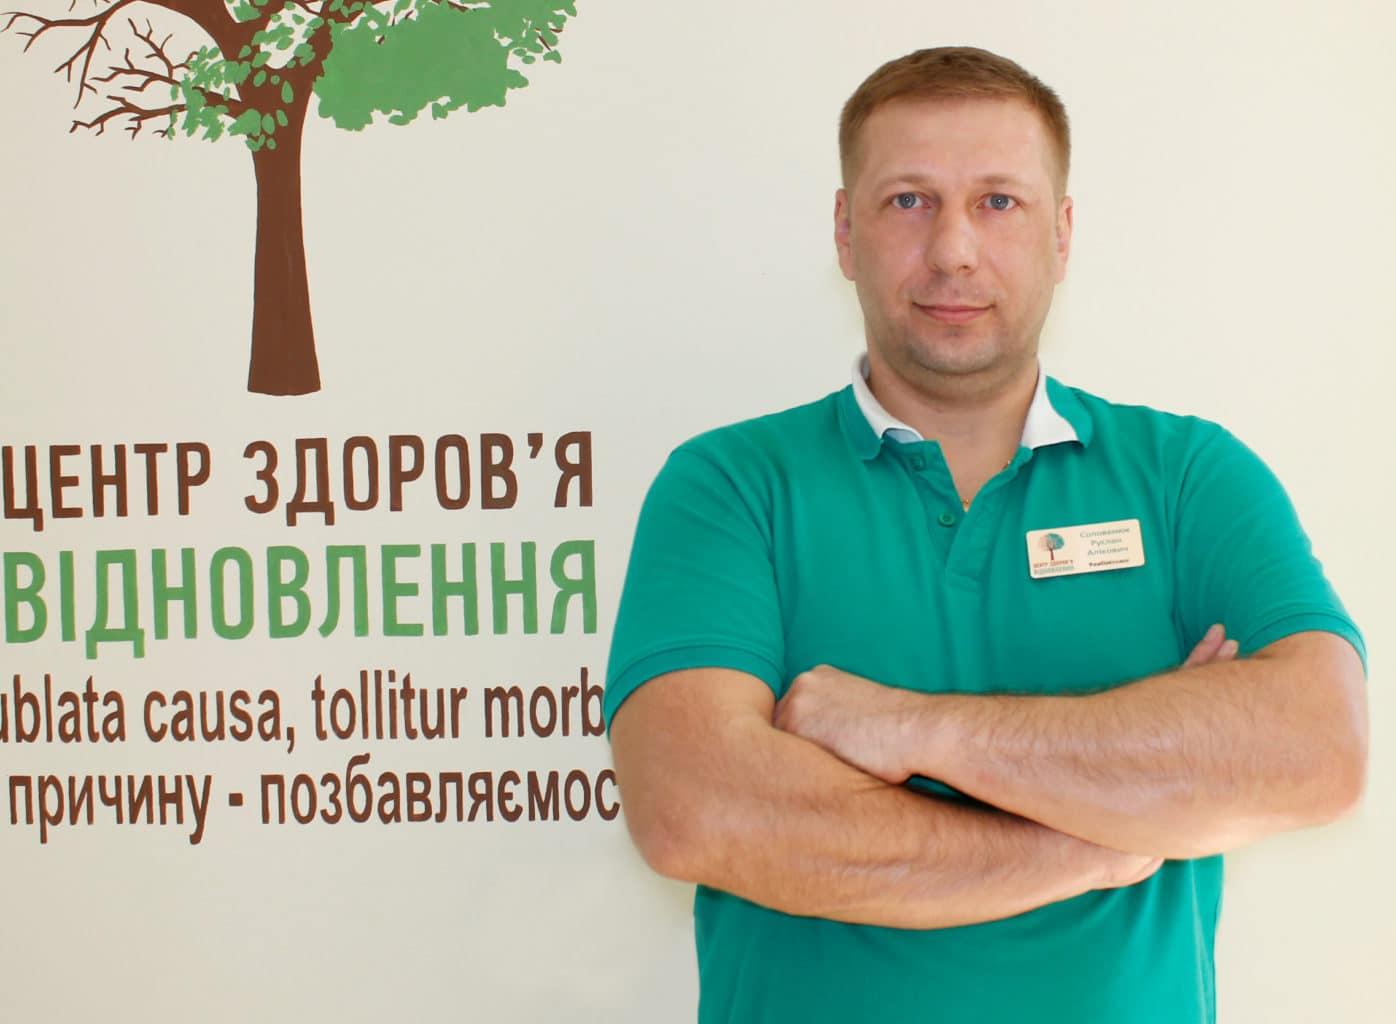 """реабилитог Житомир, медицинский центр """"Відновлення"""""""